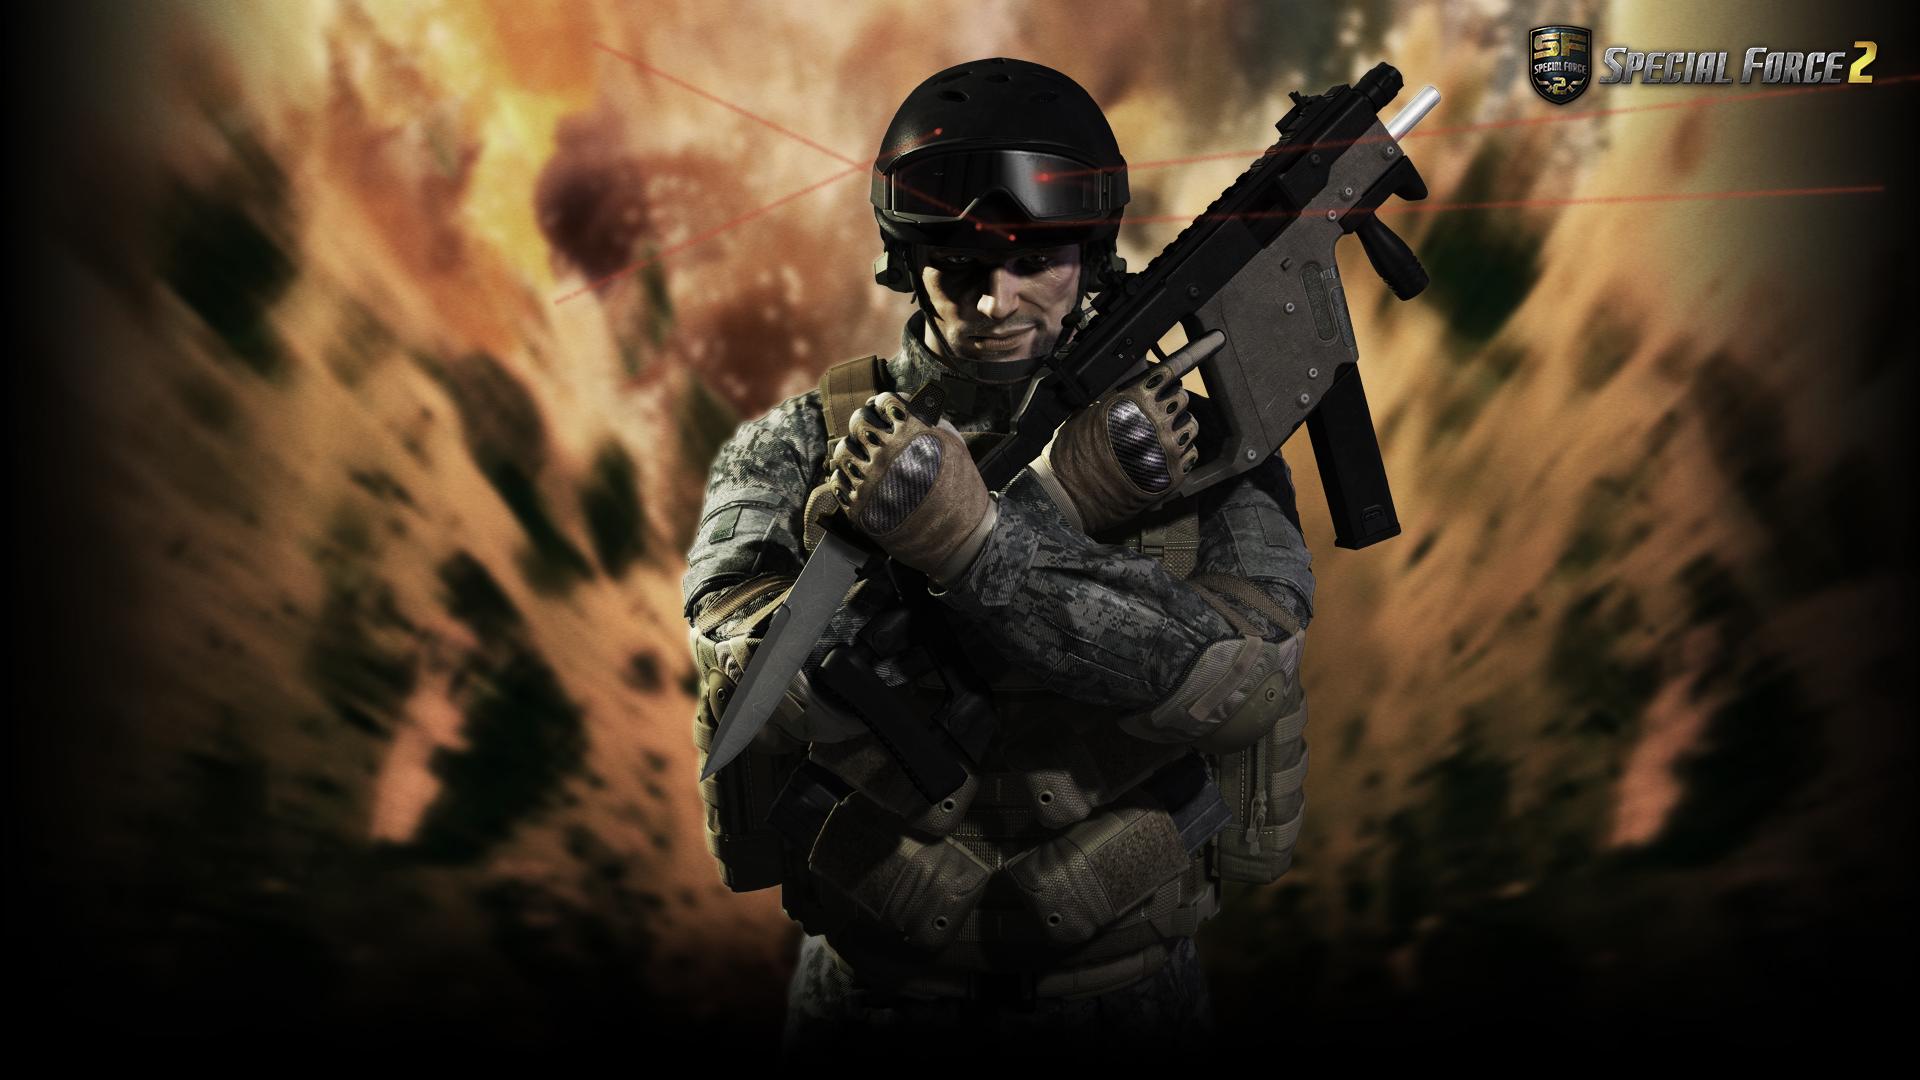 ทรู ดิจิตอล พลัส ประกาศยุติการให้บริการ เกมออนไลน์ Special Force 2